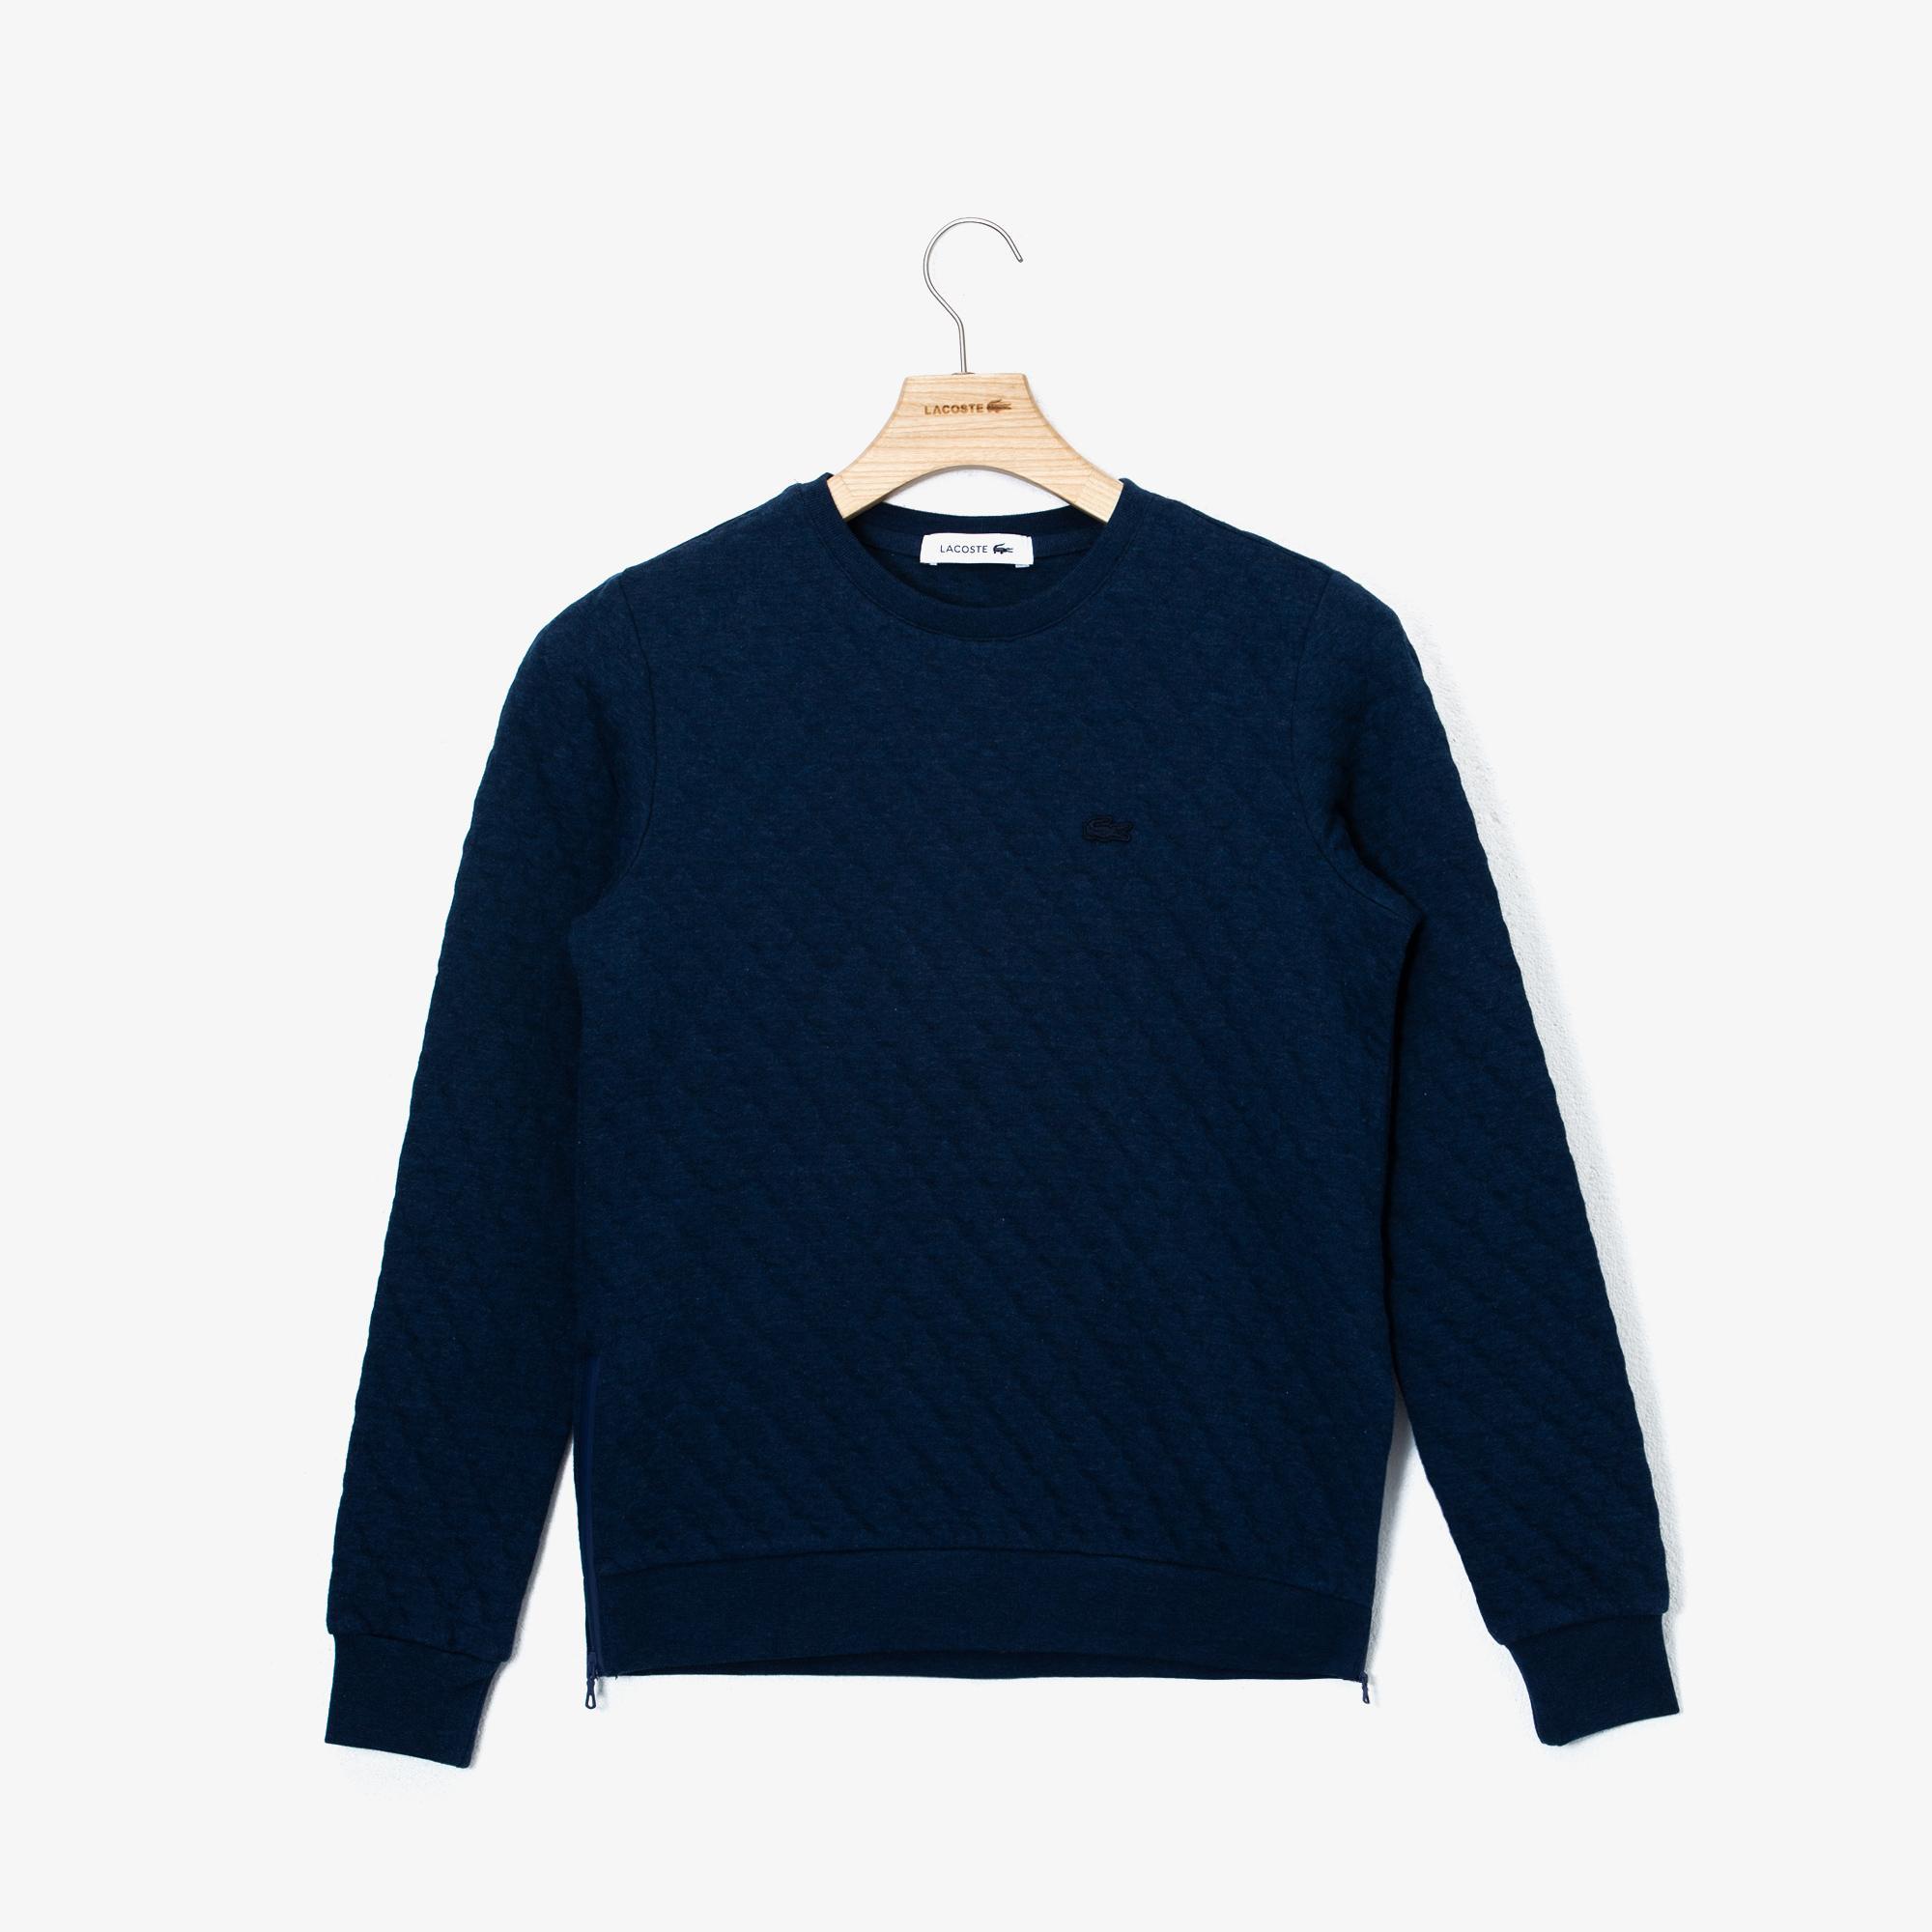 Lacoste Sweter Damski Pikowany Z Okrągłym Wycięciem Pod Szyją